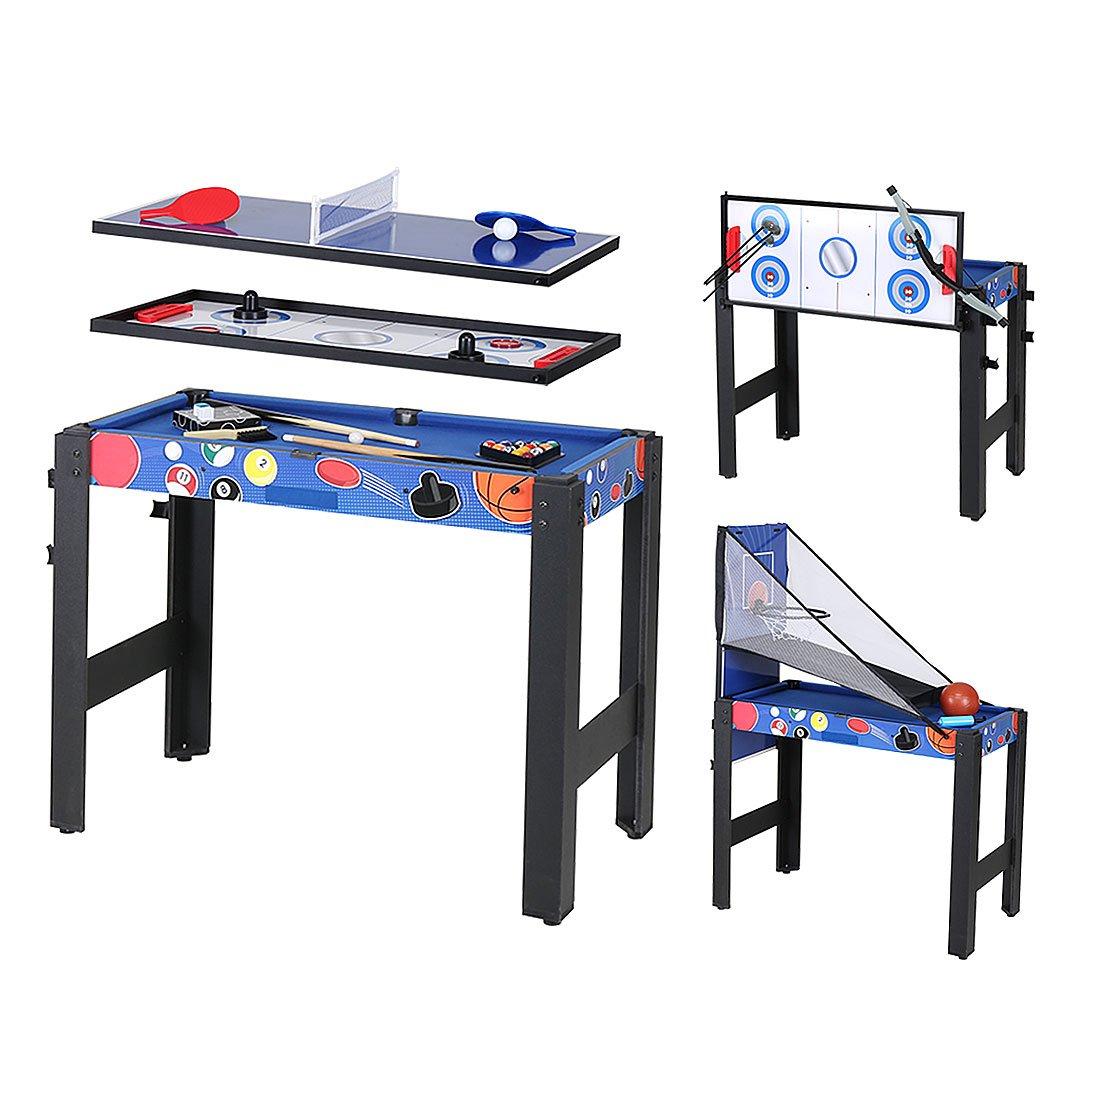 5 in 1 Folding Multi Game Table - Pool Table/Air Hockey/Basketball /Table Tennis/Bow & Arrow AHHC